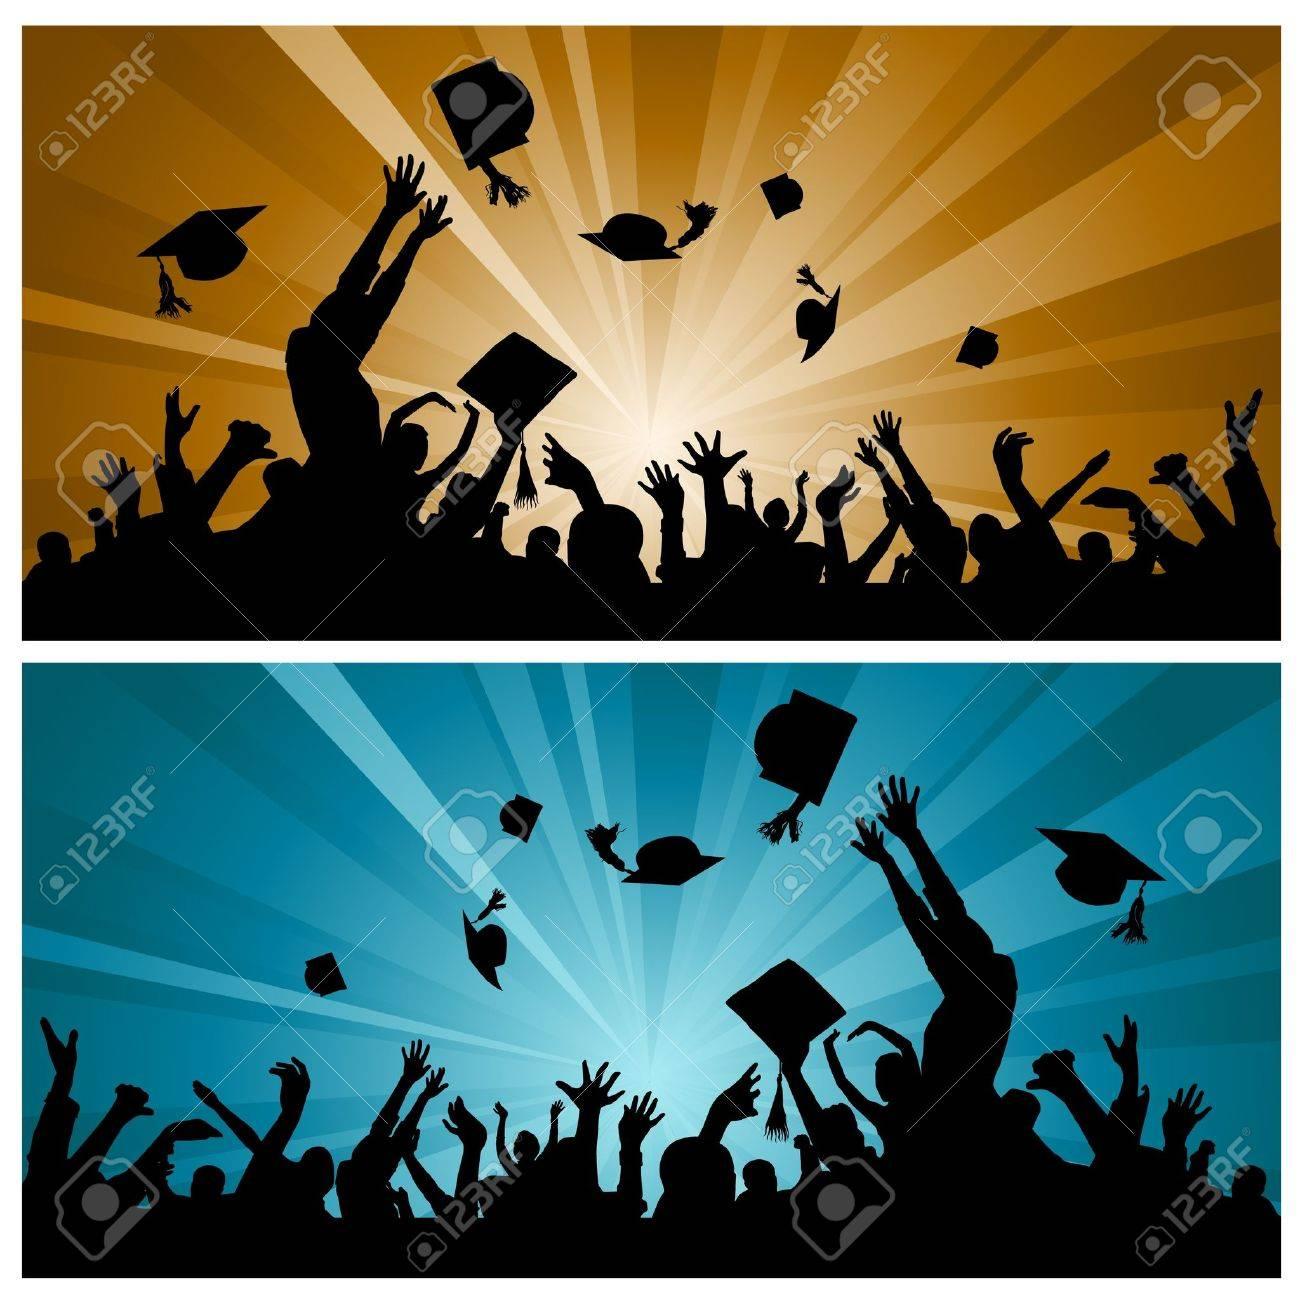 graduation party - 11031108